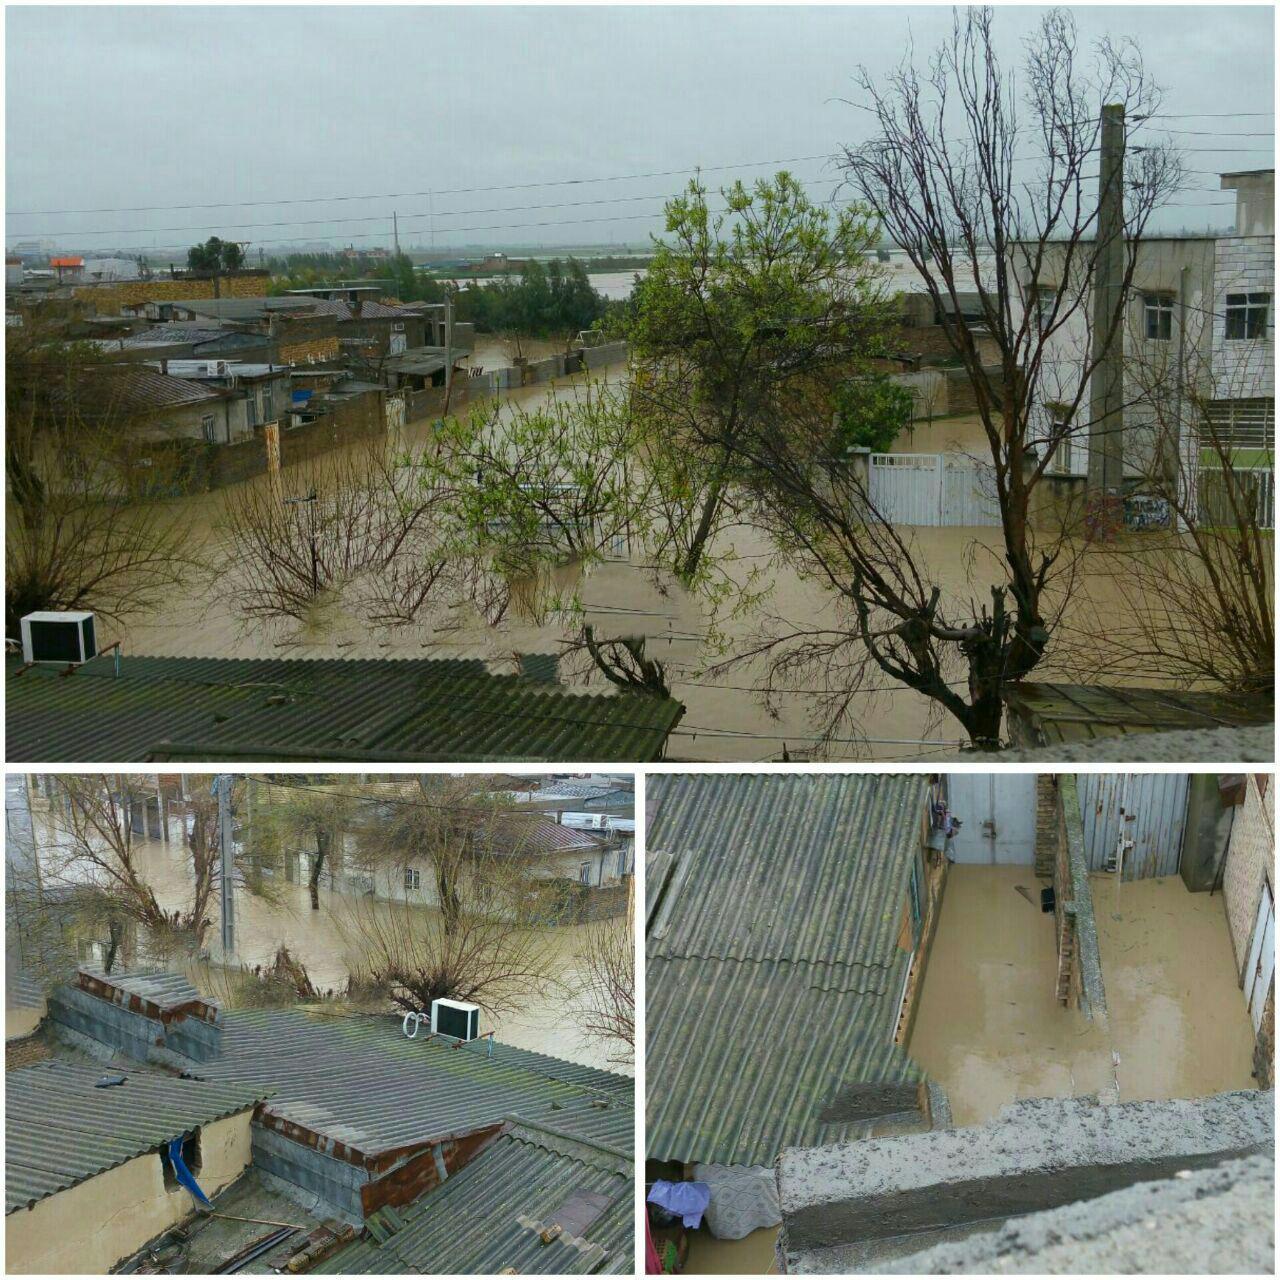 سرریز شدن سد «گلستان» و «بوستان»/ لزوم تخلیه روستاهای شمال و شرق گلستان